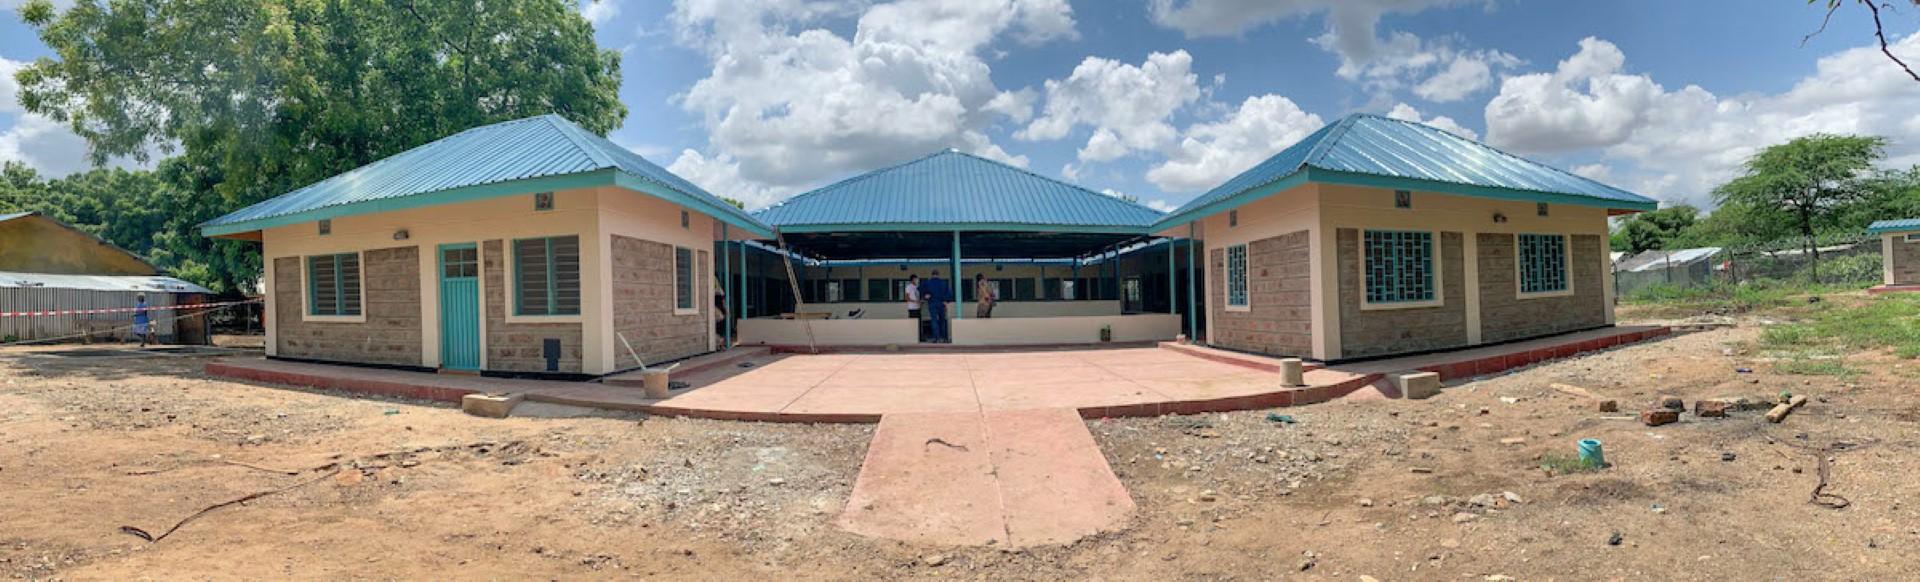 """""""القلب الكبير"""" تموّل تشغيل عيادة طبيّة في مخيم كاكوما للاجئين بكينيا"""